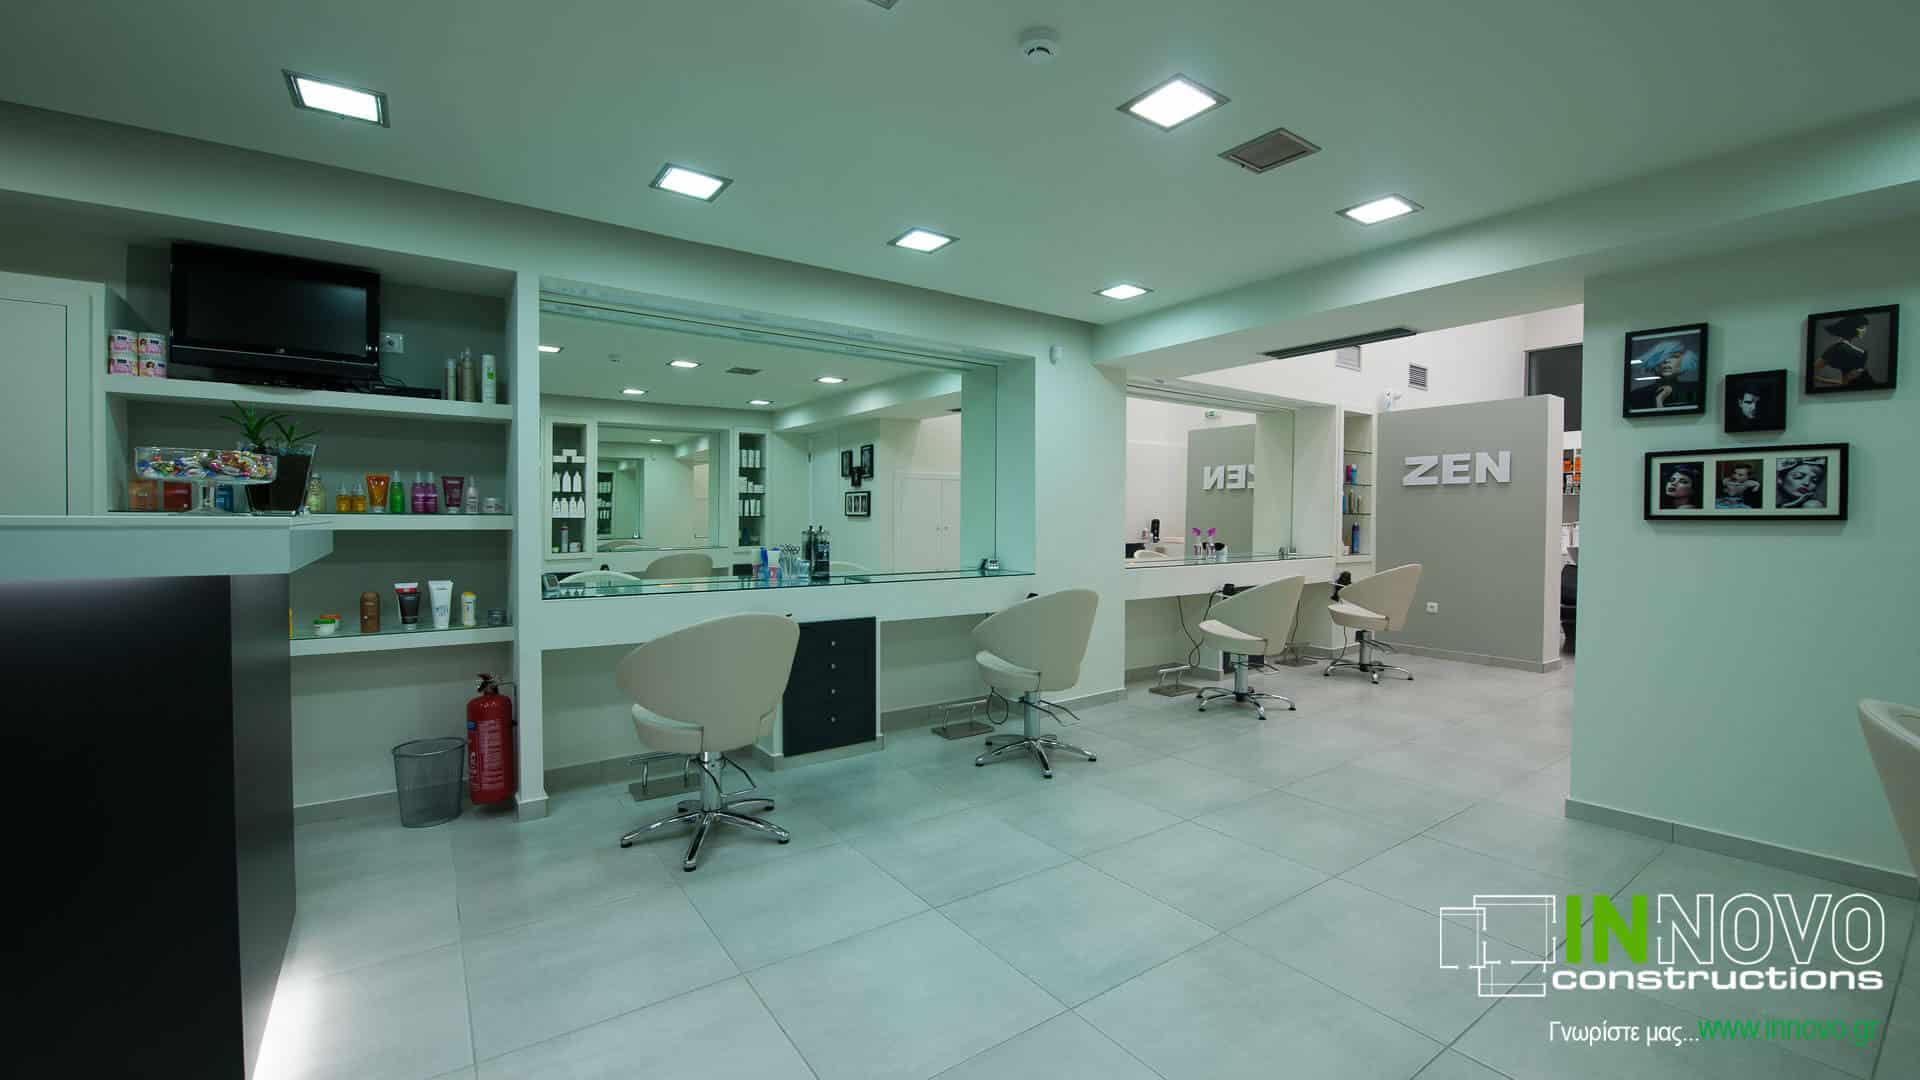 kataskevi-kommotiriou-hairdressers-construction-kommotirio-renti-1365-5